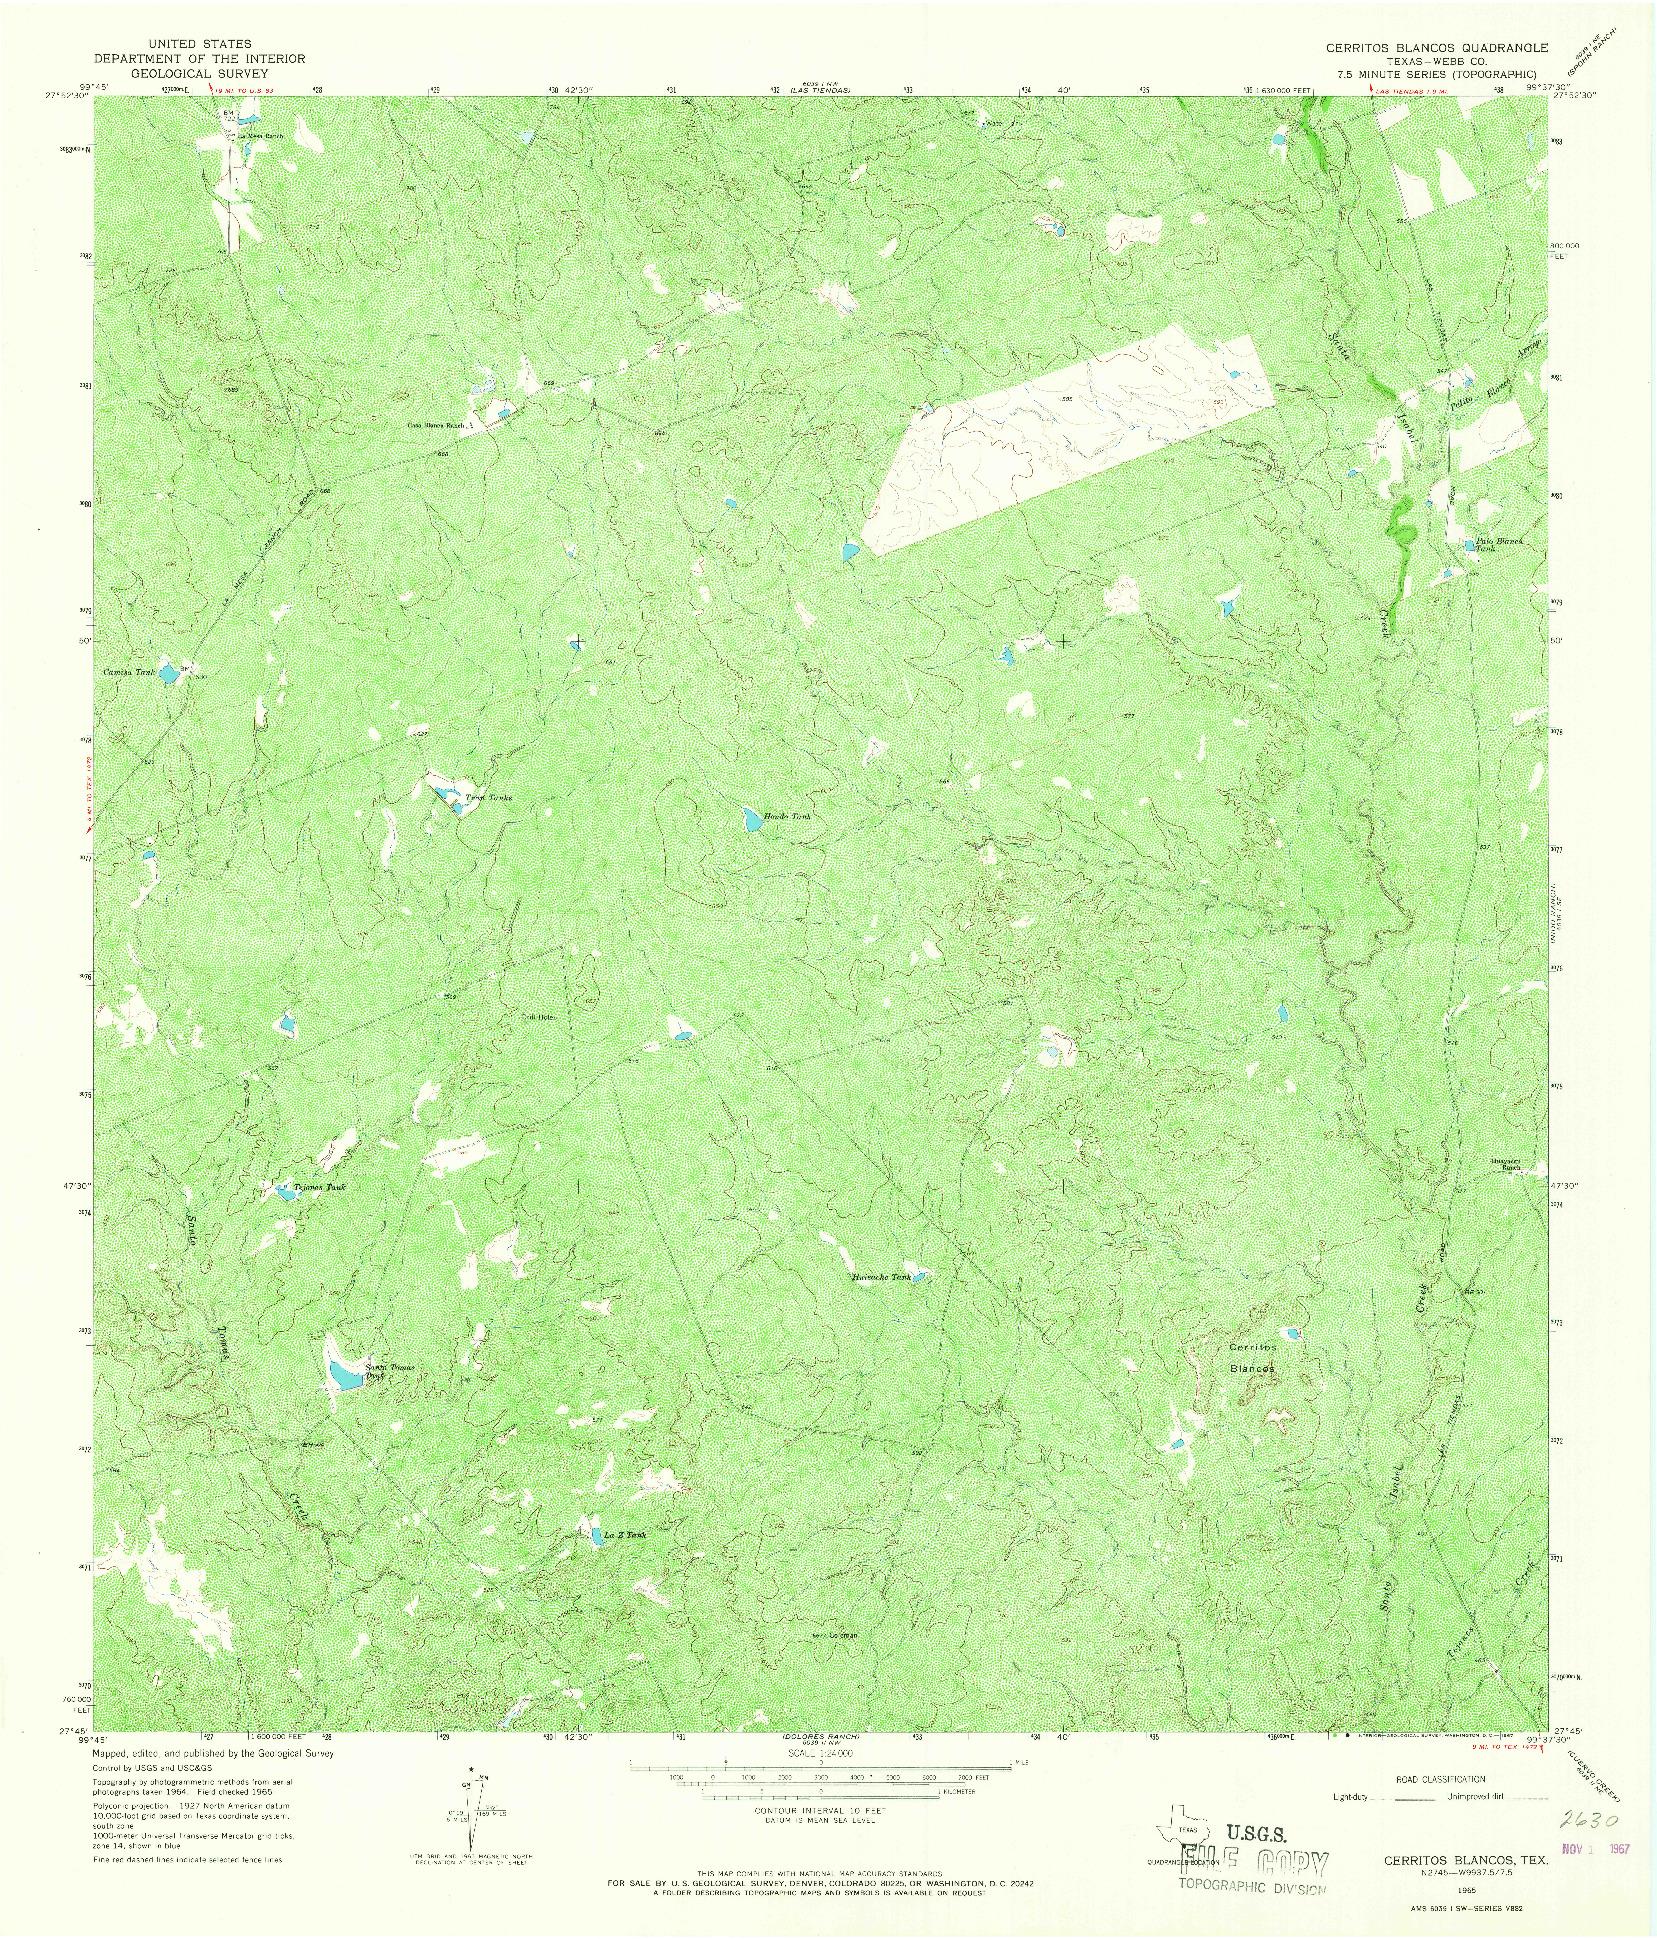 USGS 1:24000-SCALE QUADRANGLE FOR CERRITOS BLANCOS, TX 1965